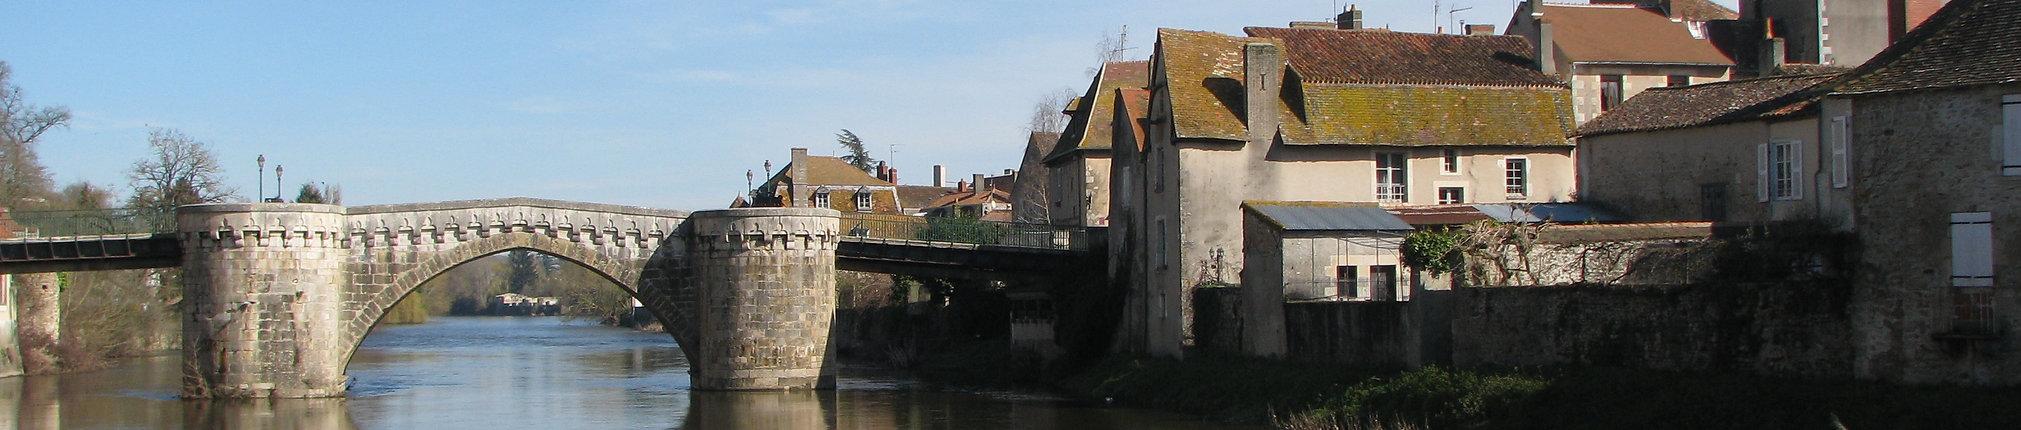 Vieux pont 86500 Montmorillon